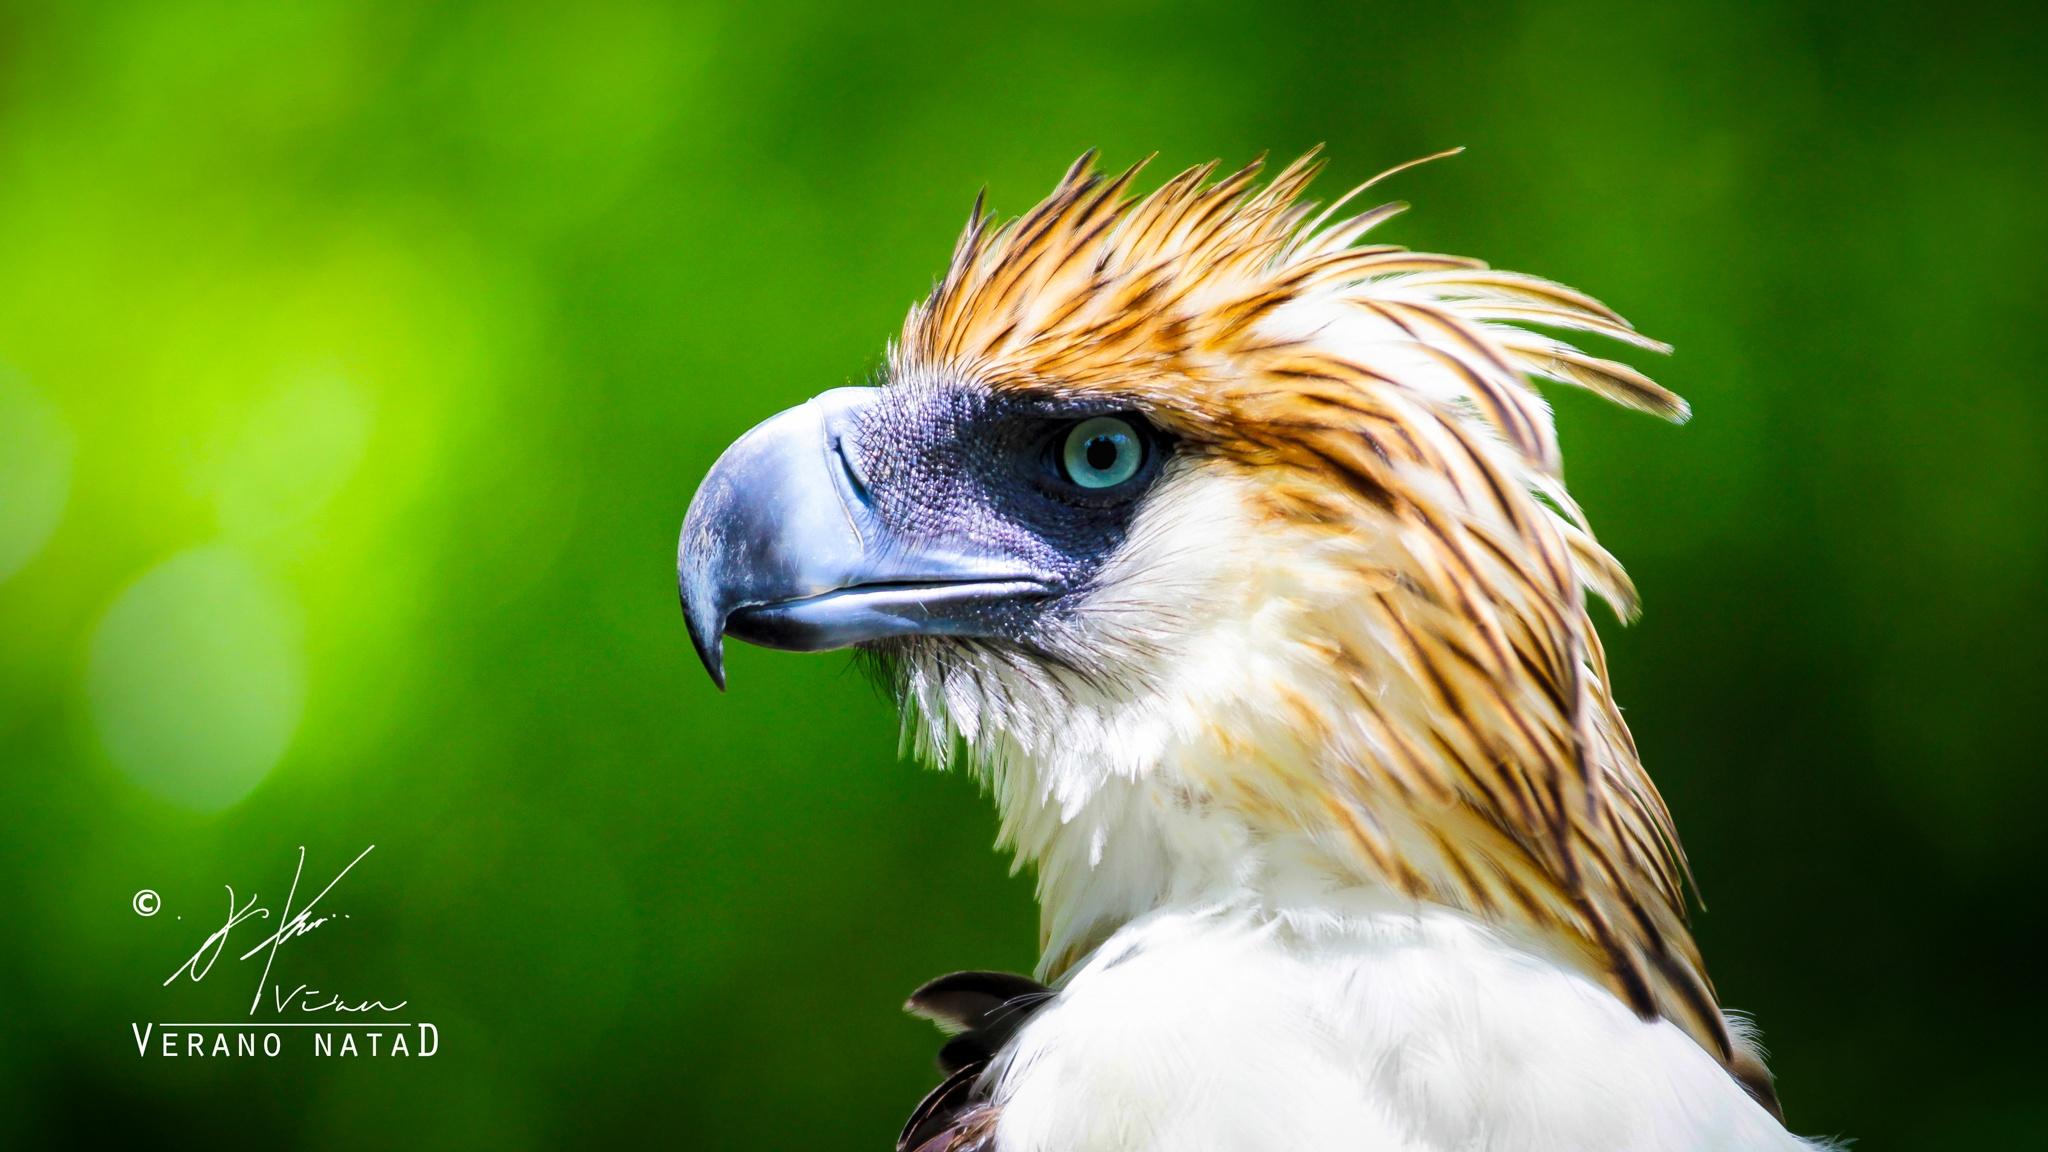 Monkey-eating Eagle by Verano Natad